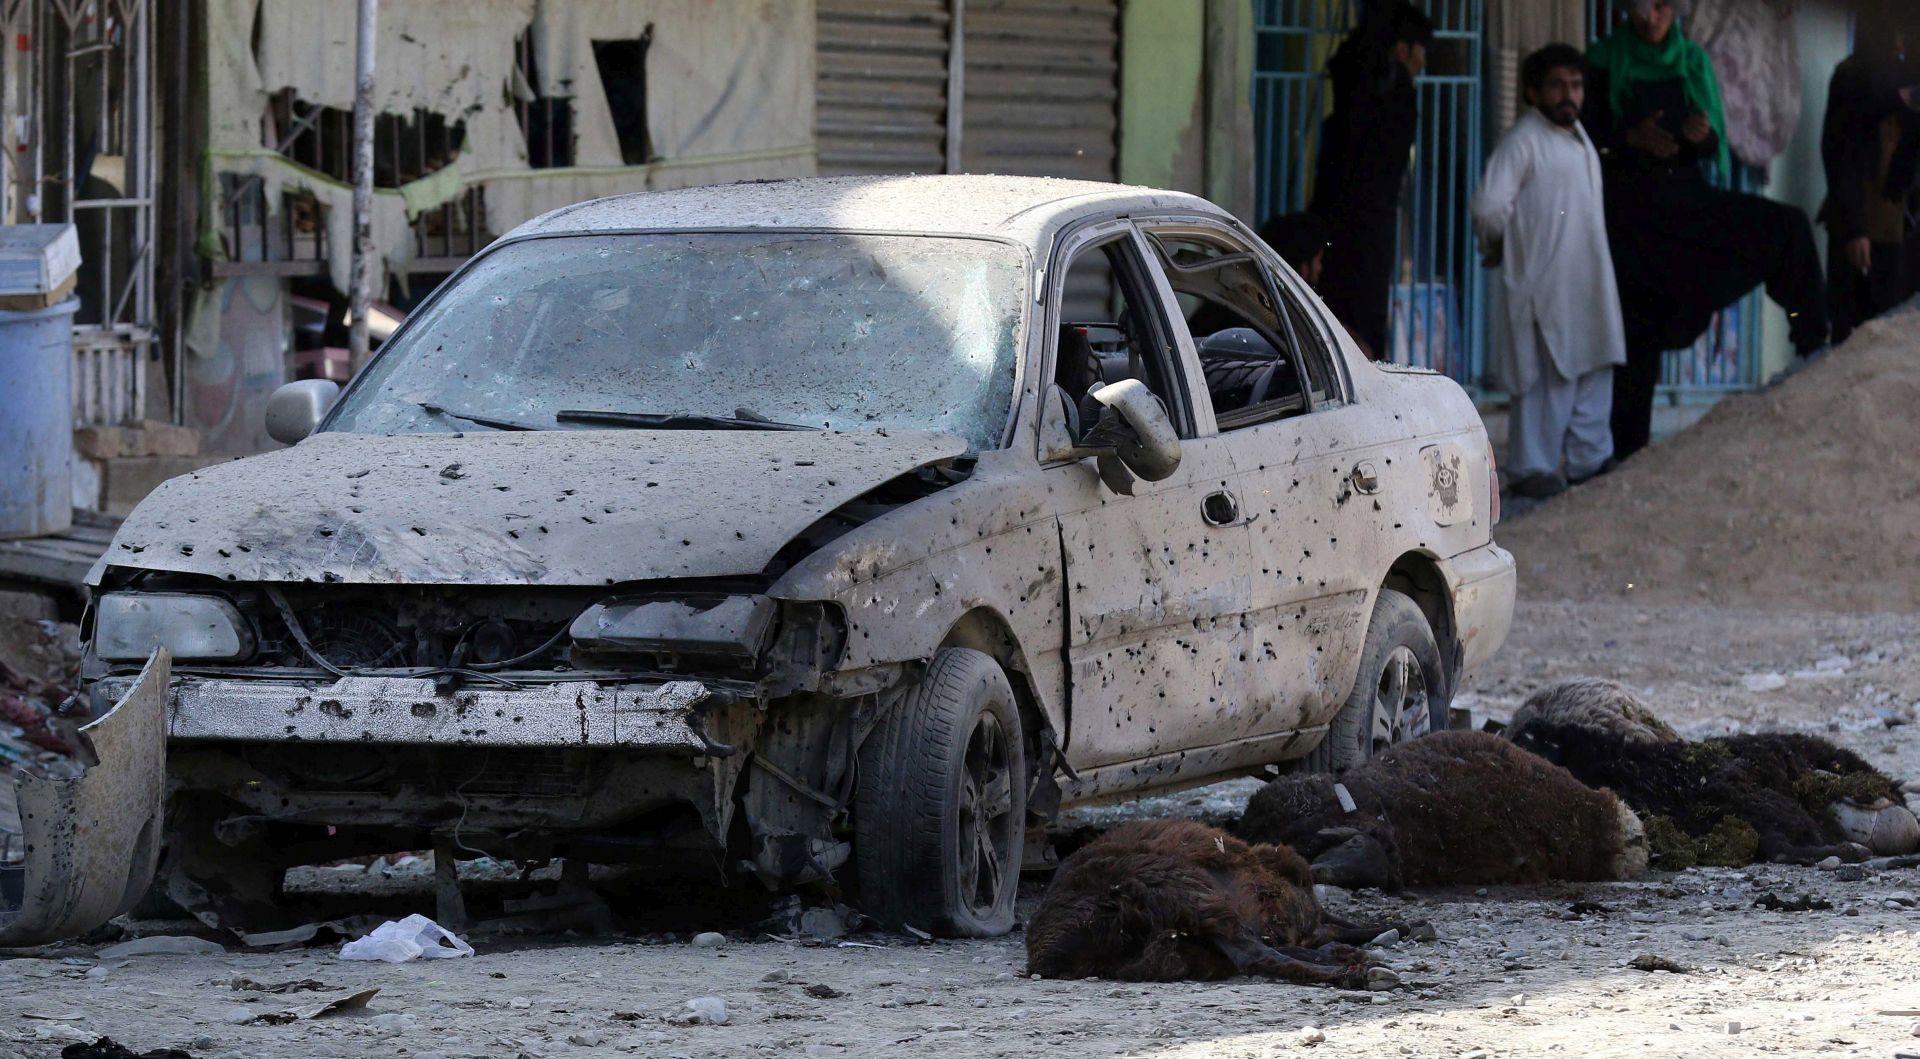 ŠIJITSKA DŽAMIJA Bombaš samoubojica usmrtio najmanje 30 osoba u Kabulu